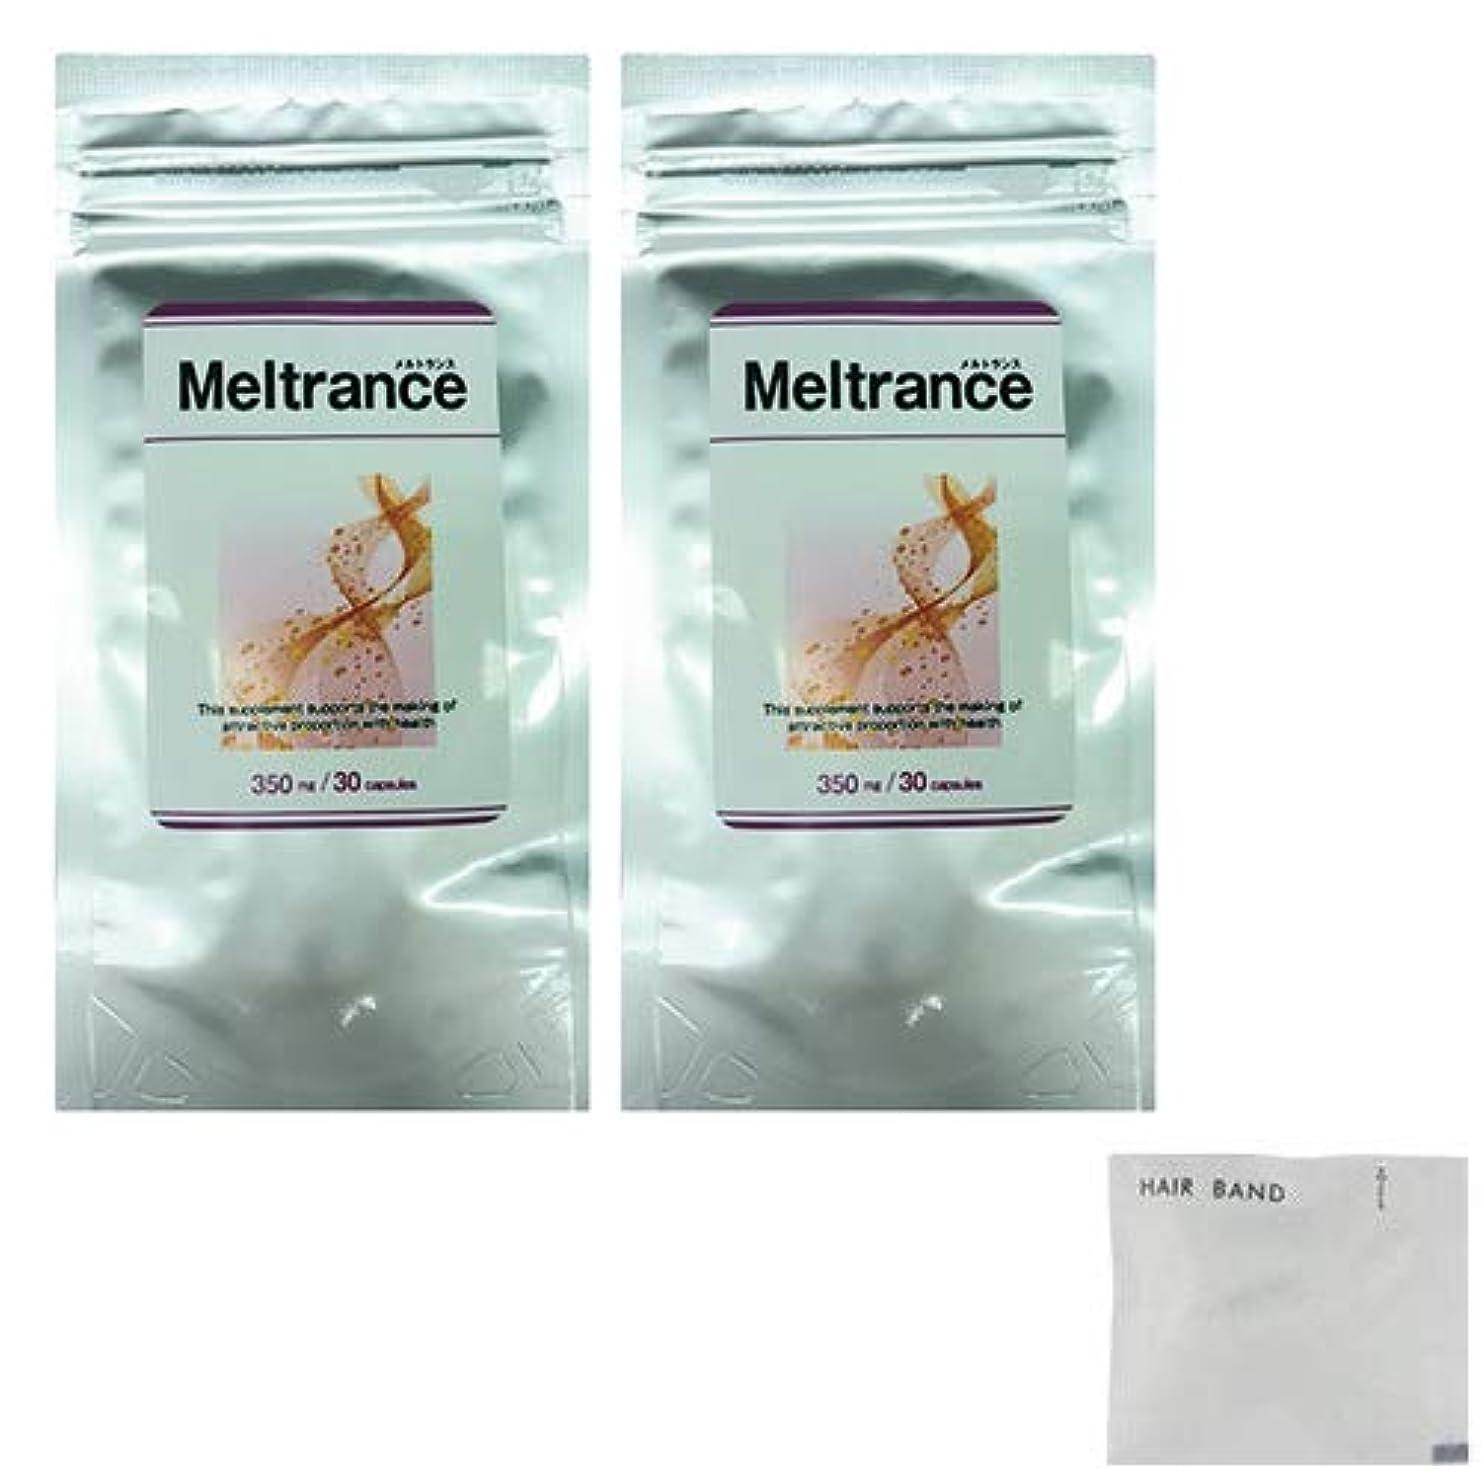 匹敵します保存こしょうメルトランス(Meltrance) サプリメント 30粒×2個 + ヘアゴム(カラーはおまかせ)セット